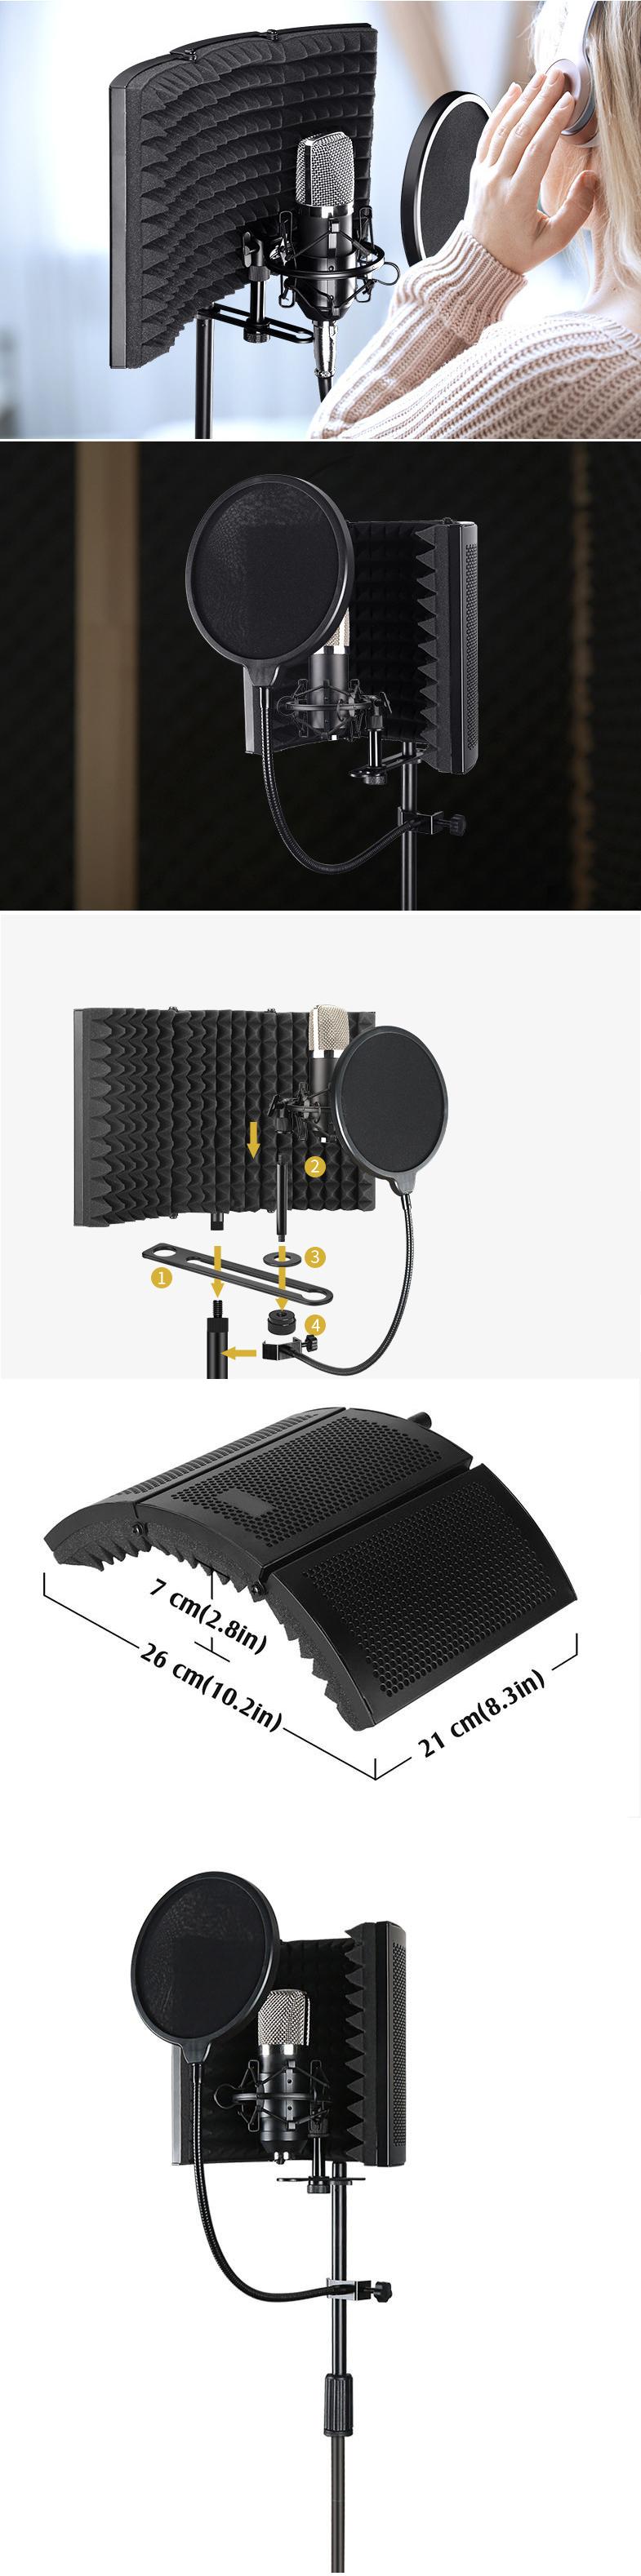 акустична система для мікрофону купити